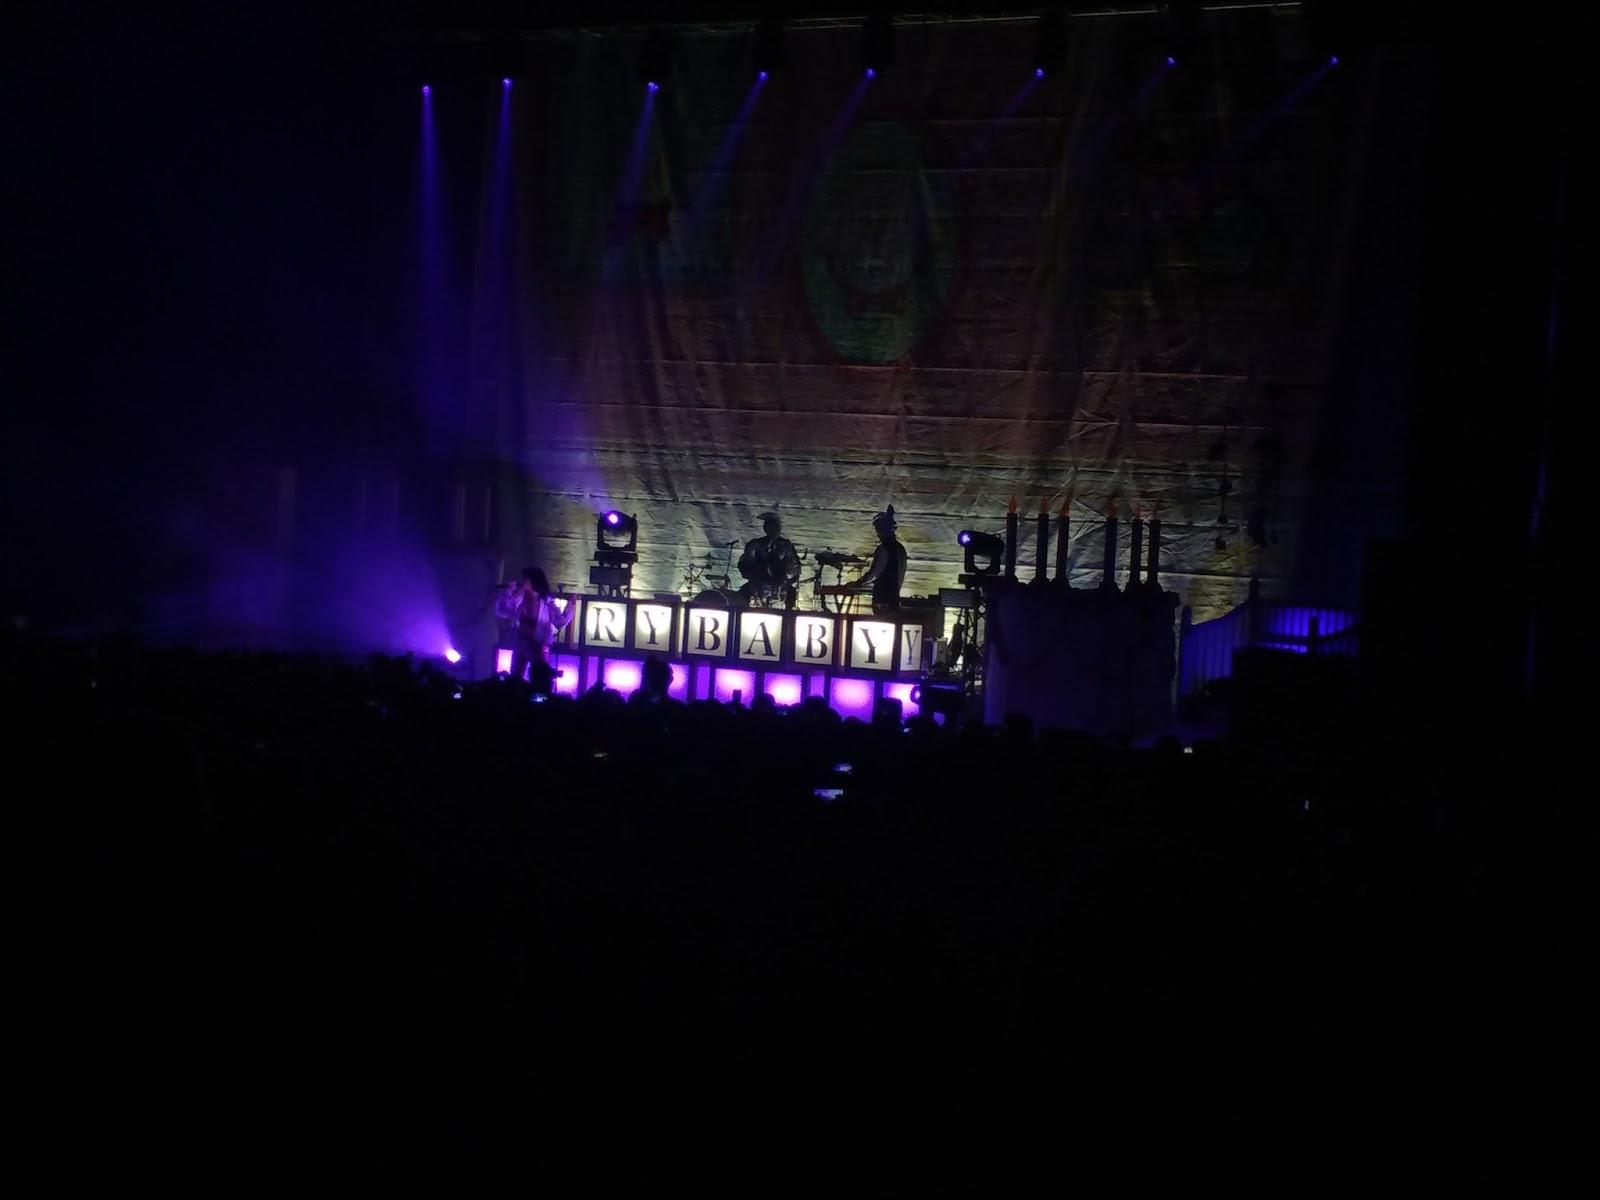 Melanie Martinez gig concert Hammersmith Eventim Apollo